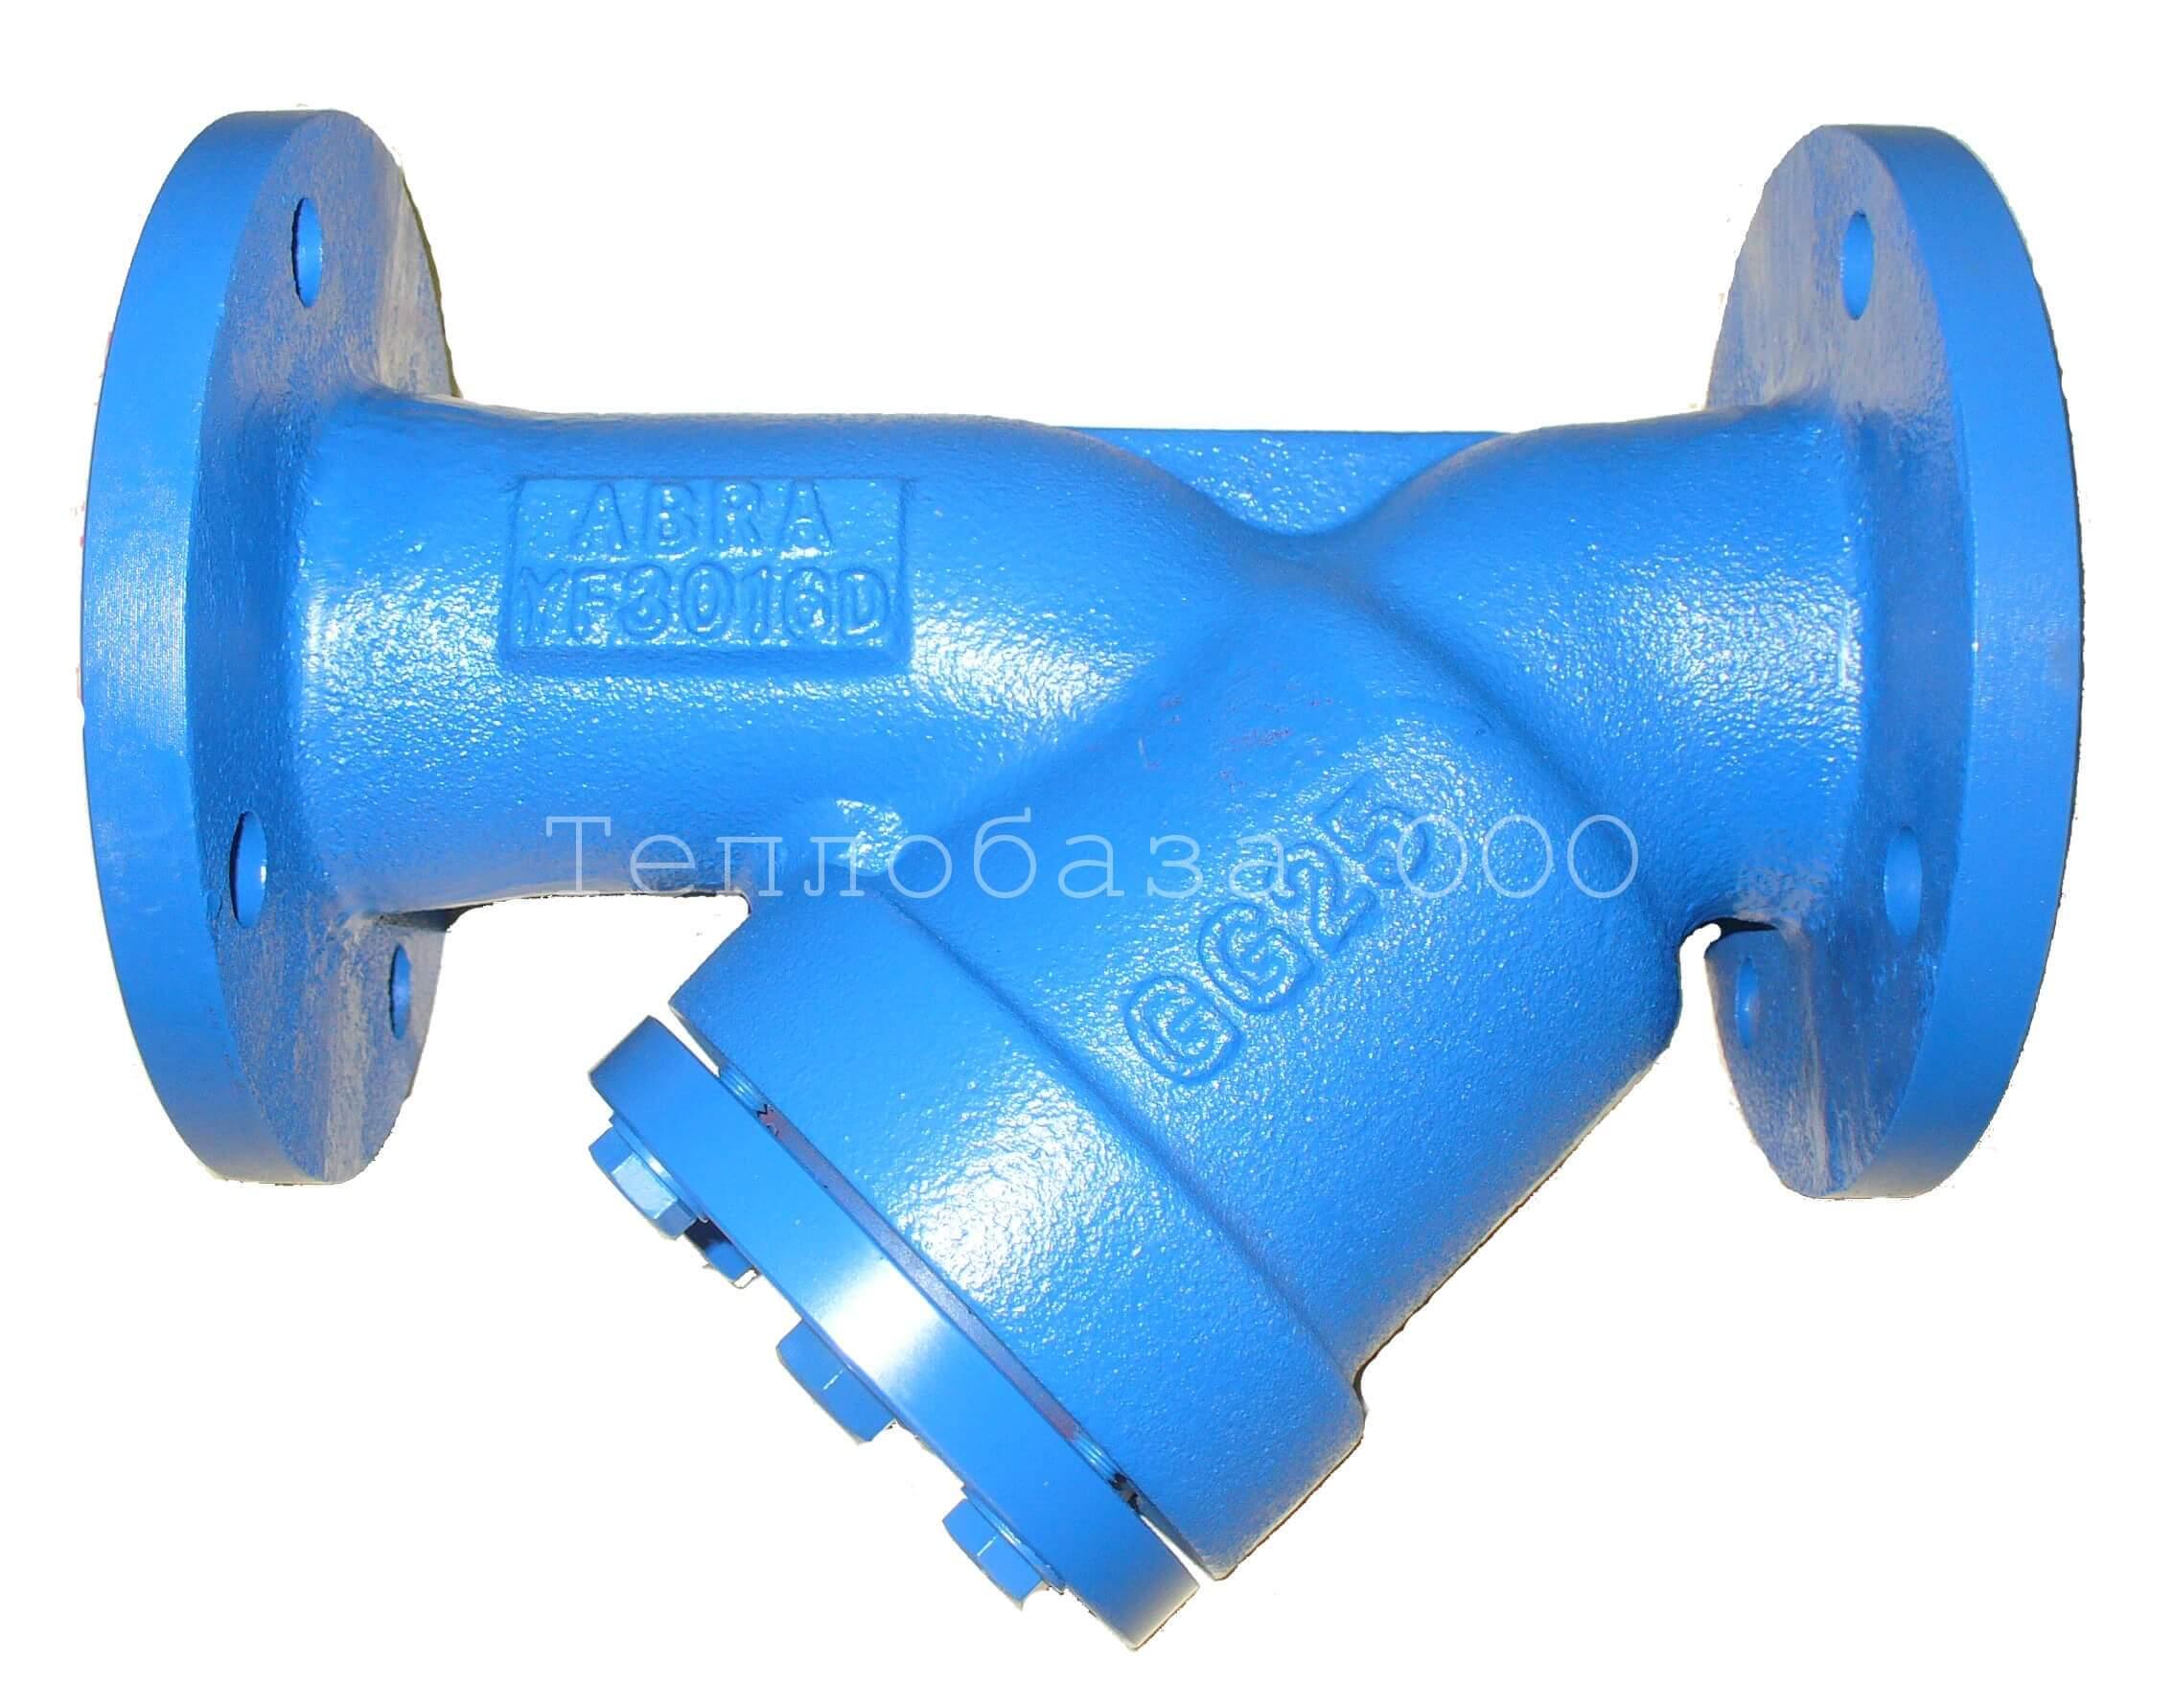 Фильтр магнитный фланцевый ФМФ Ду 100 ABRA